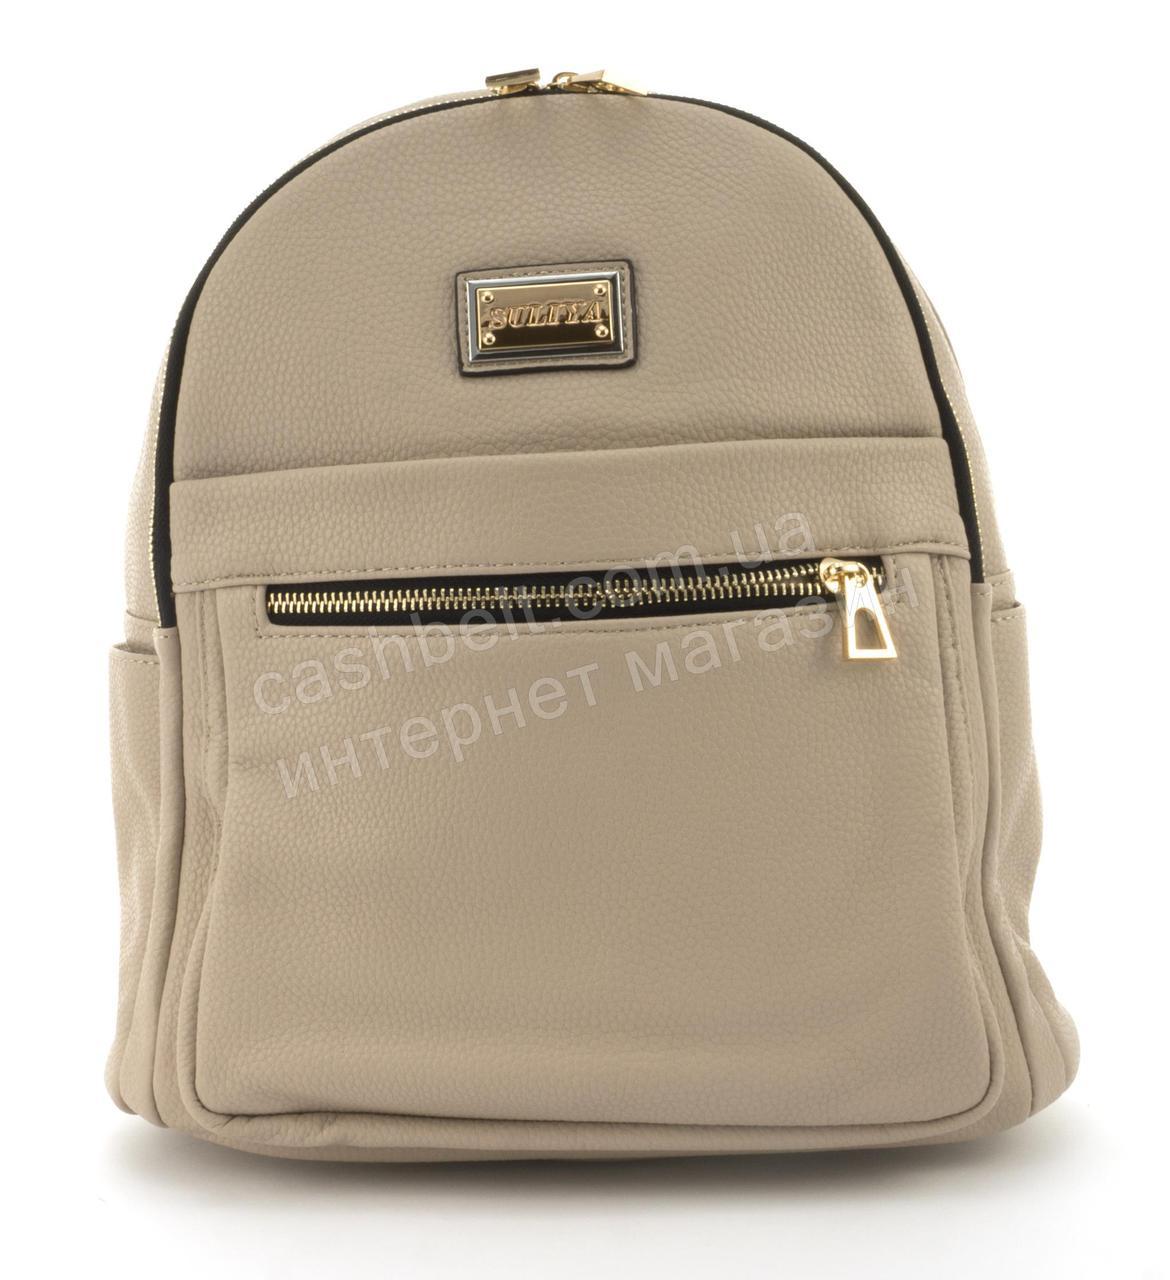 Прочный и надежный рюкзачок среднего размера из эко кожи Suliya art. 9524 хаки